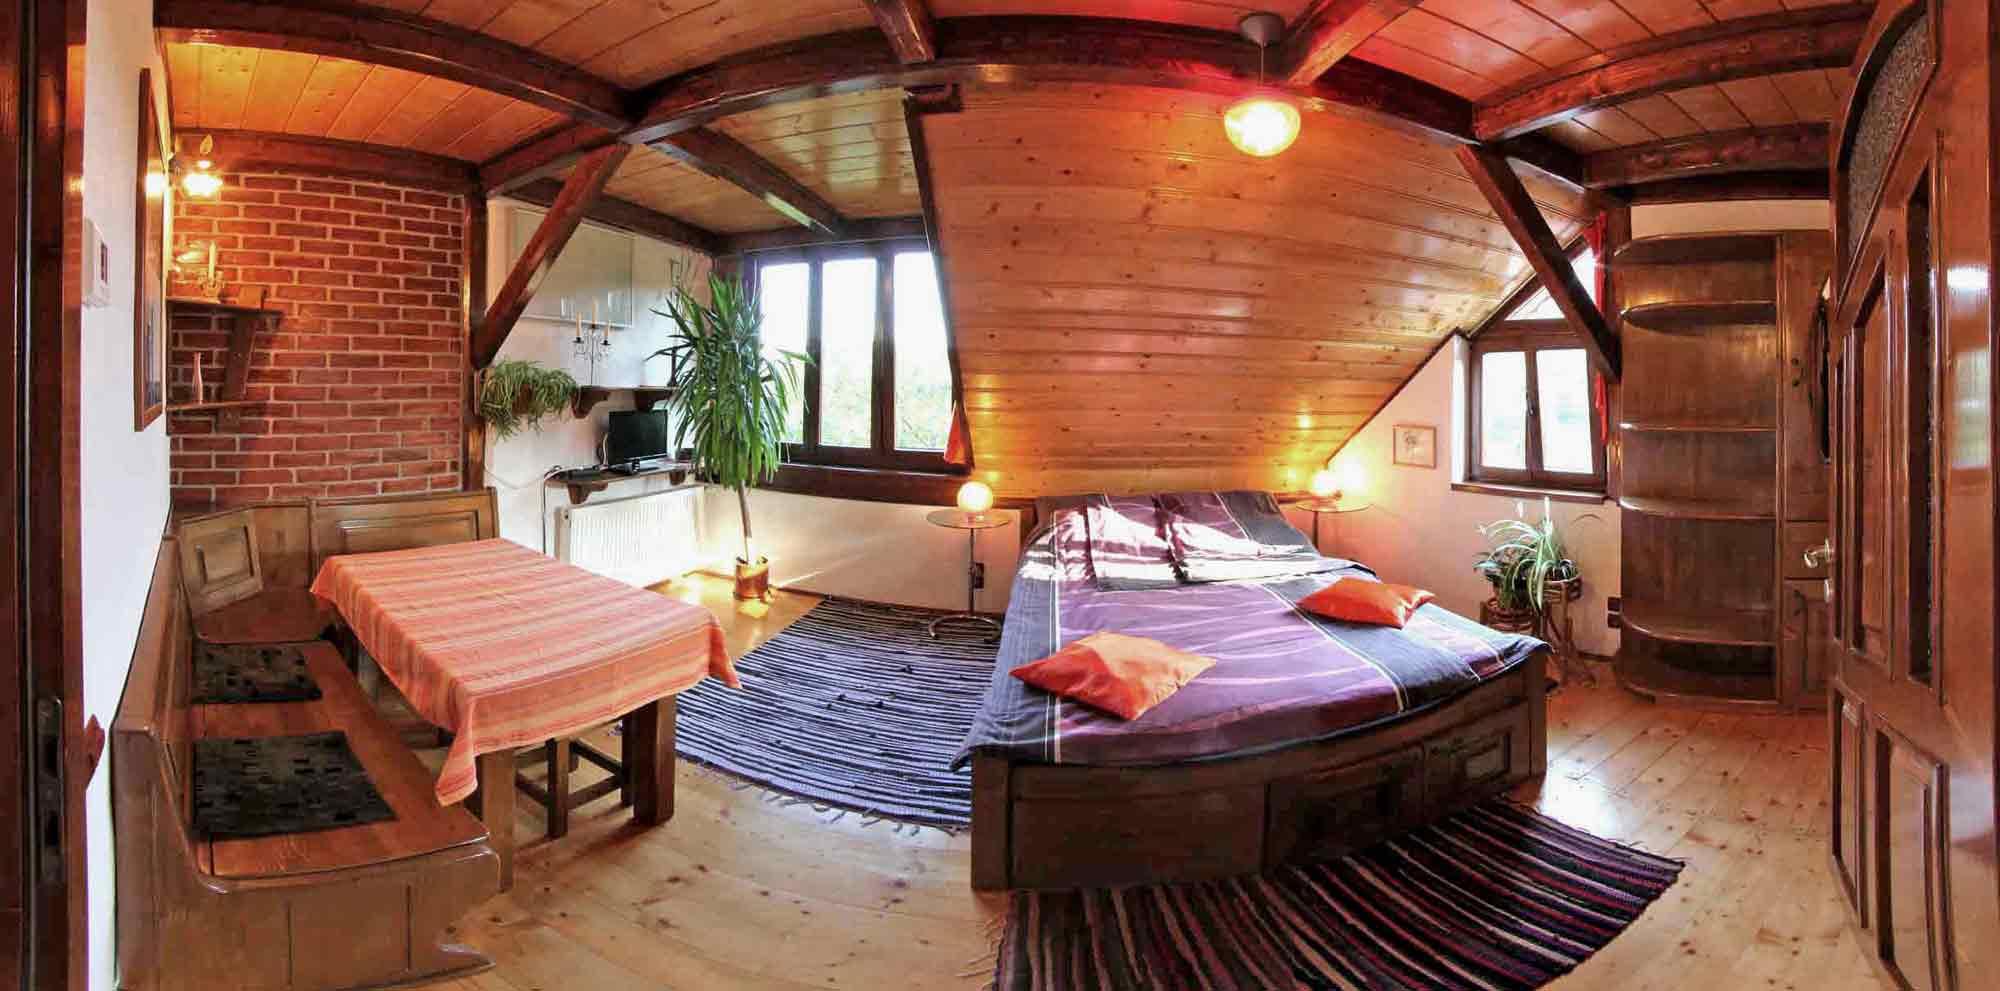 location villa de vacances roumanie | villa en transylvanie pour votre sejour en famille carpates sibiu